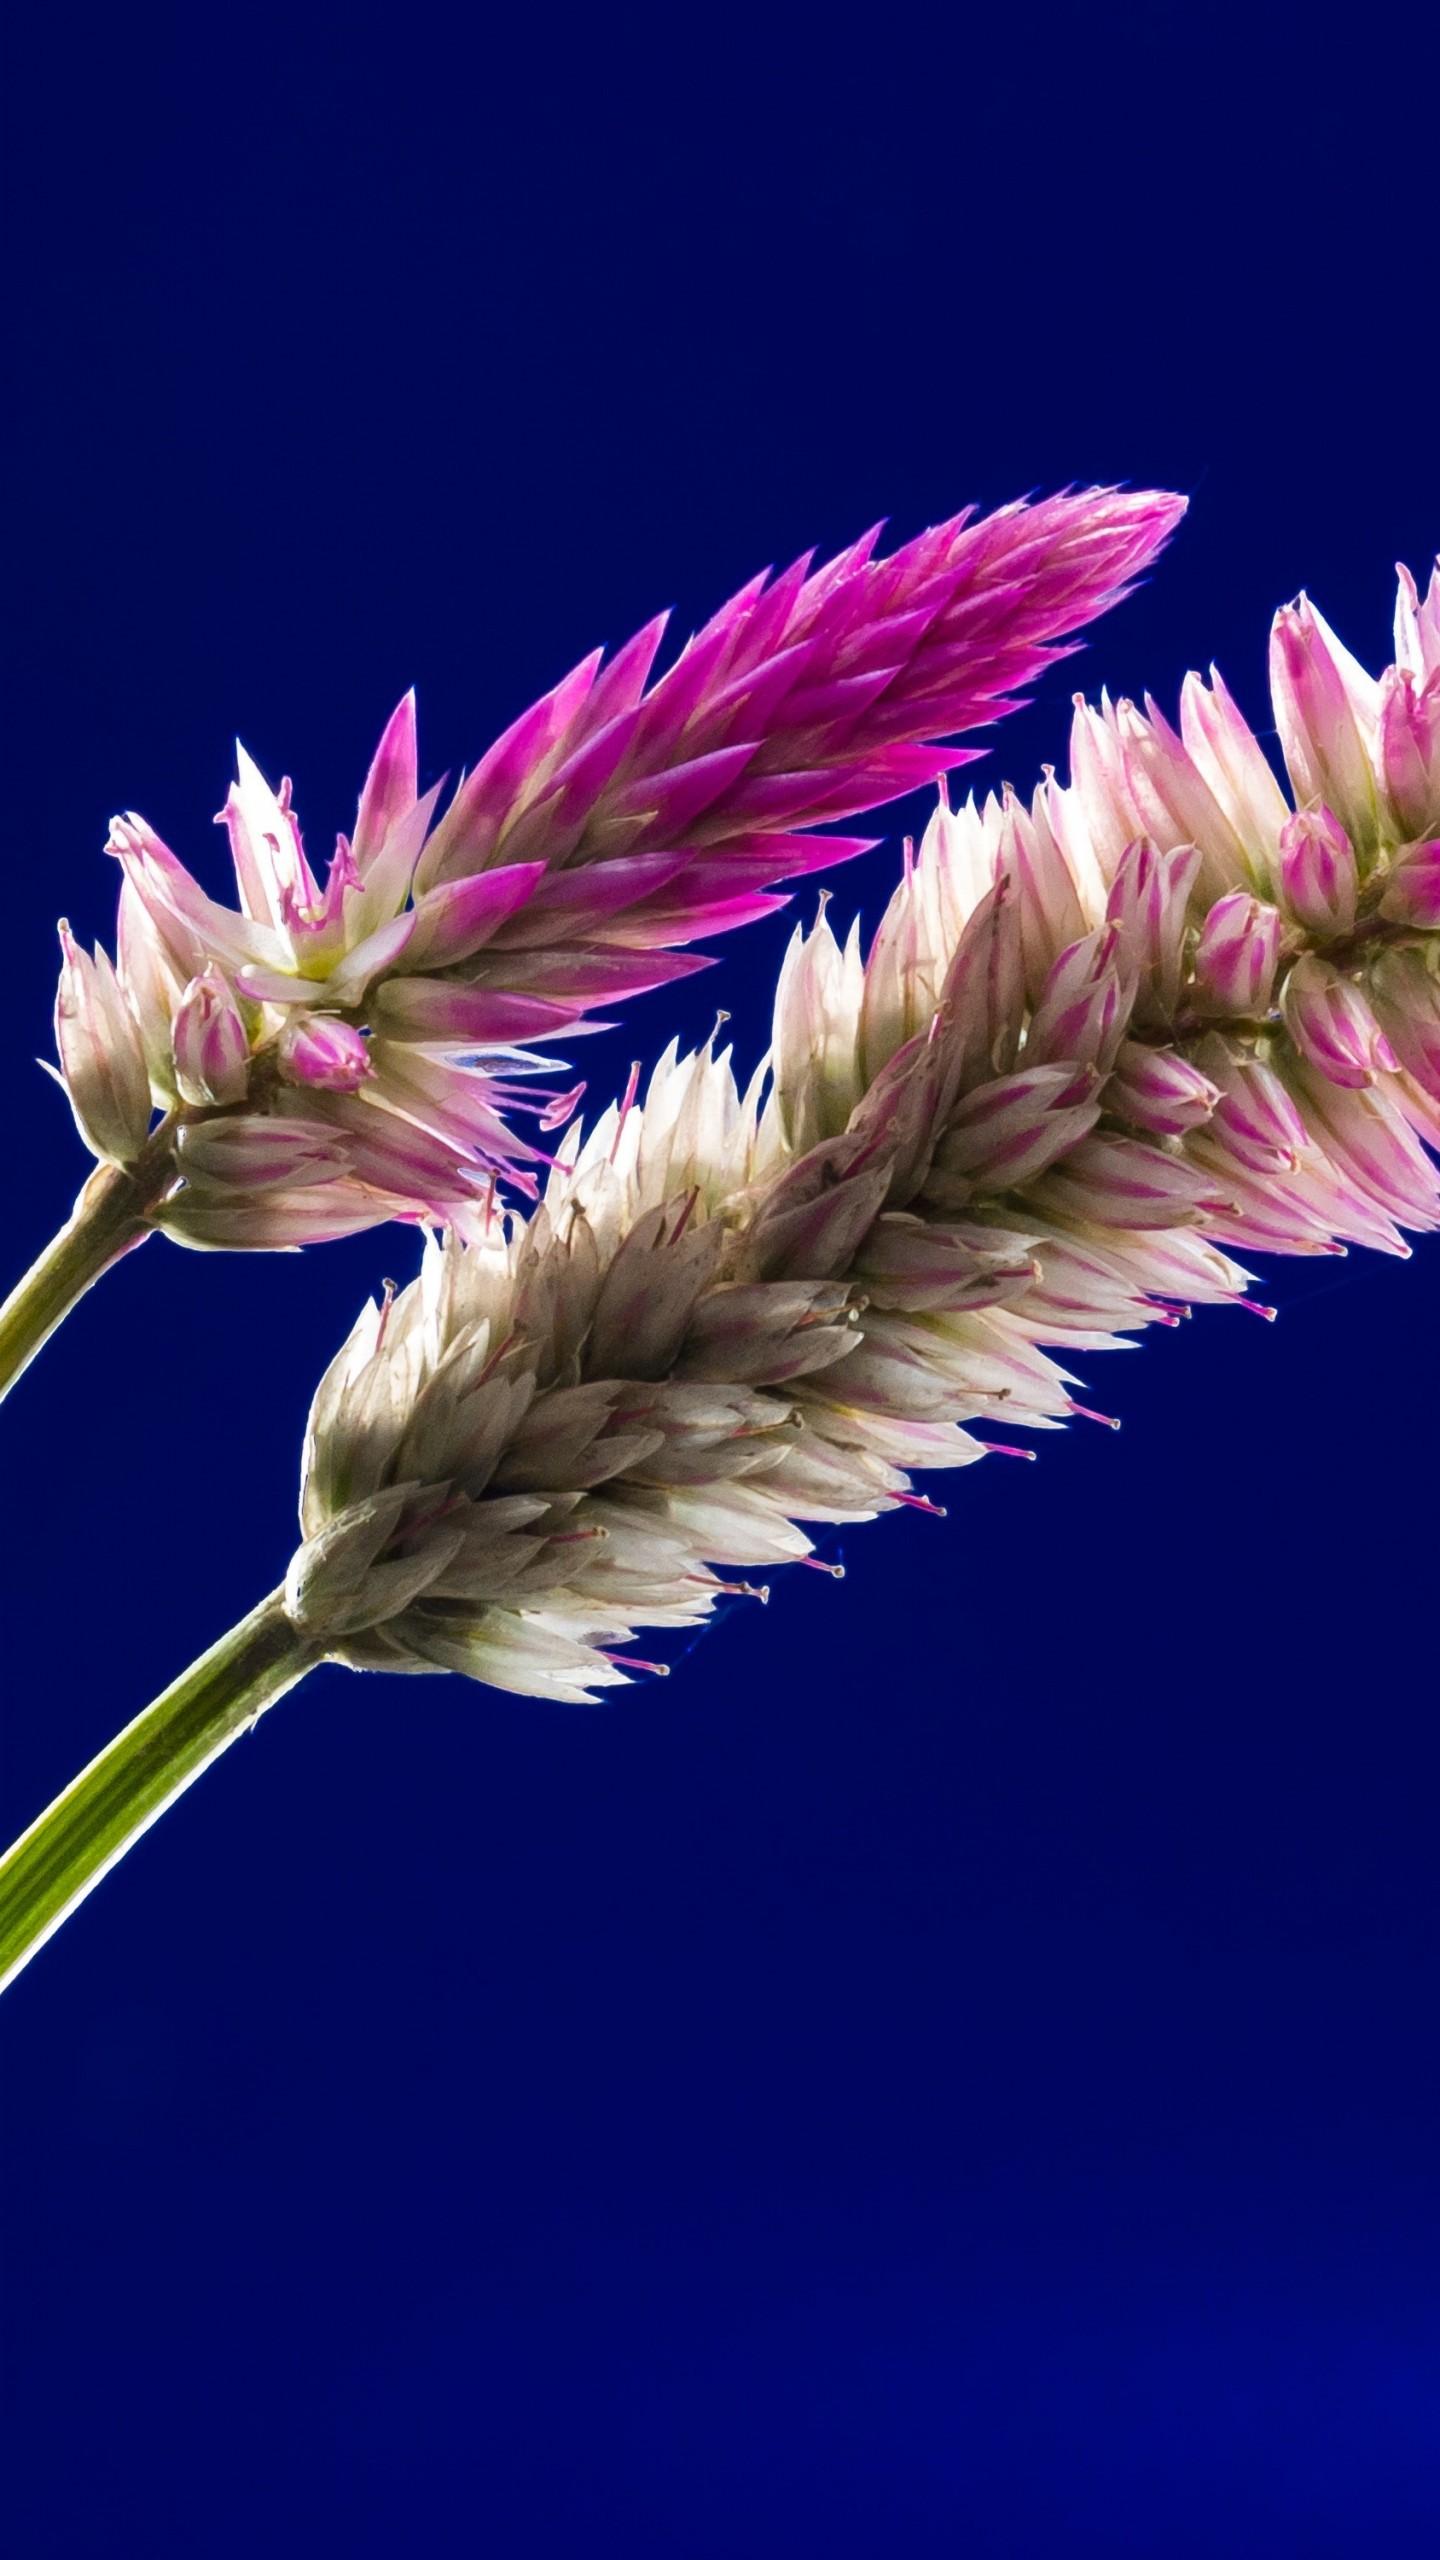 عکس زمینه گلهای صورتی با زمینه آبی سورمه ای پس زمینه